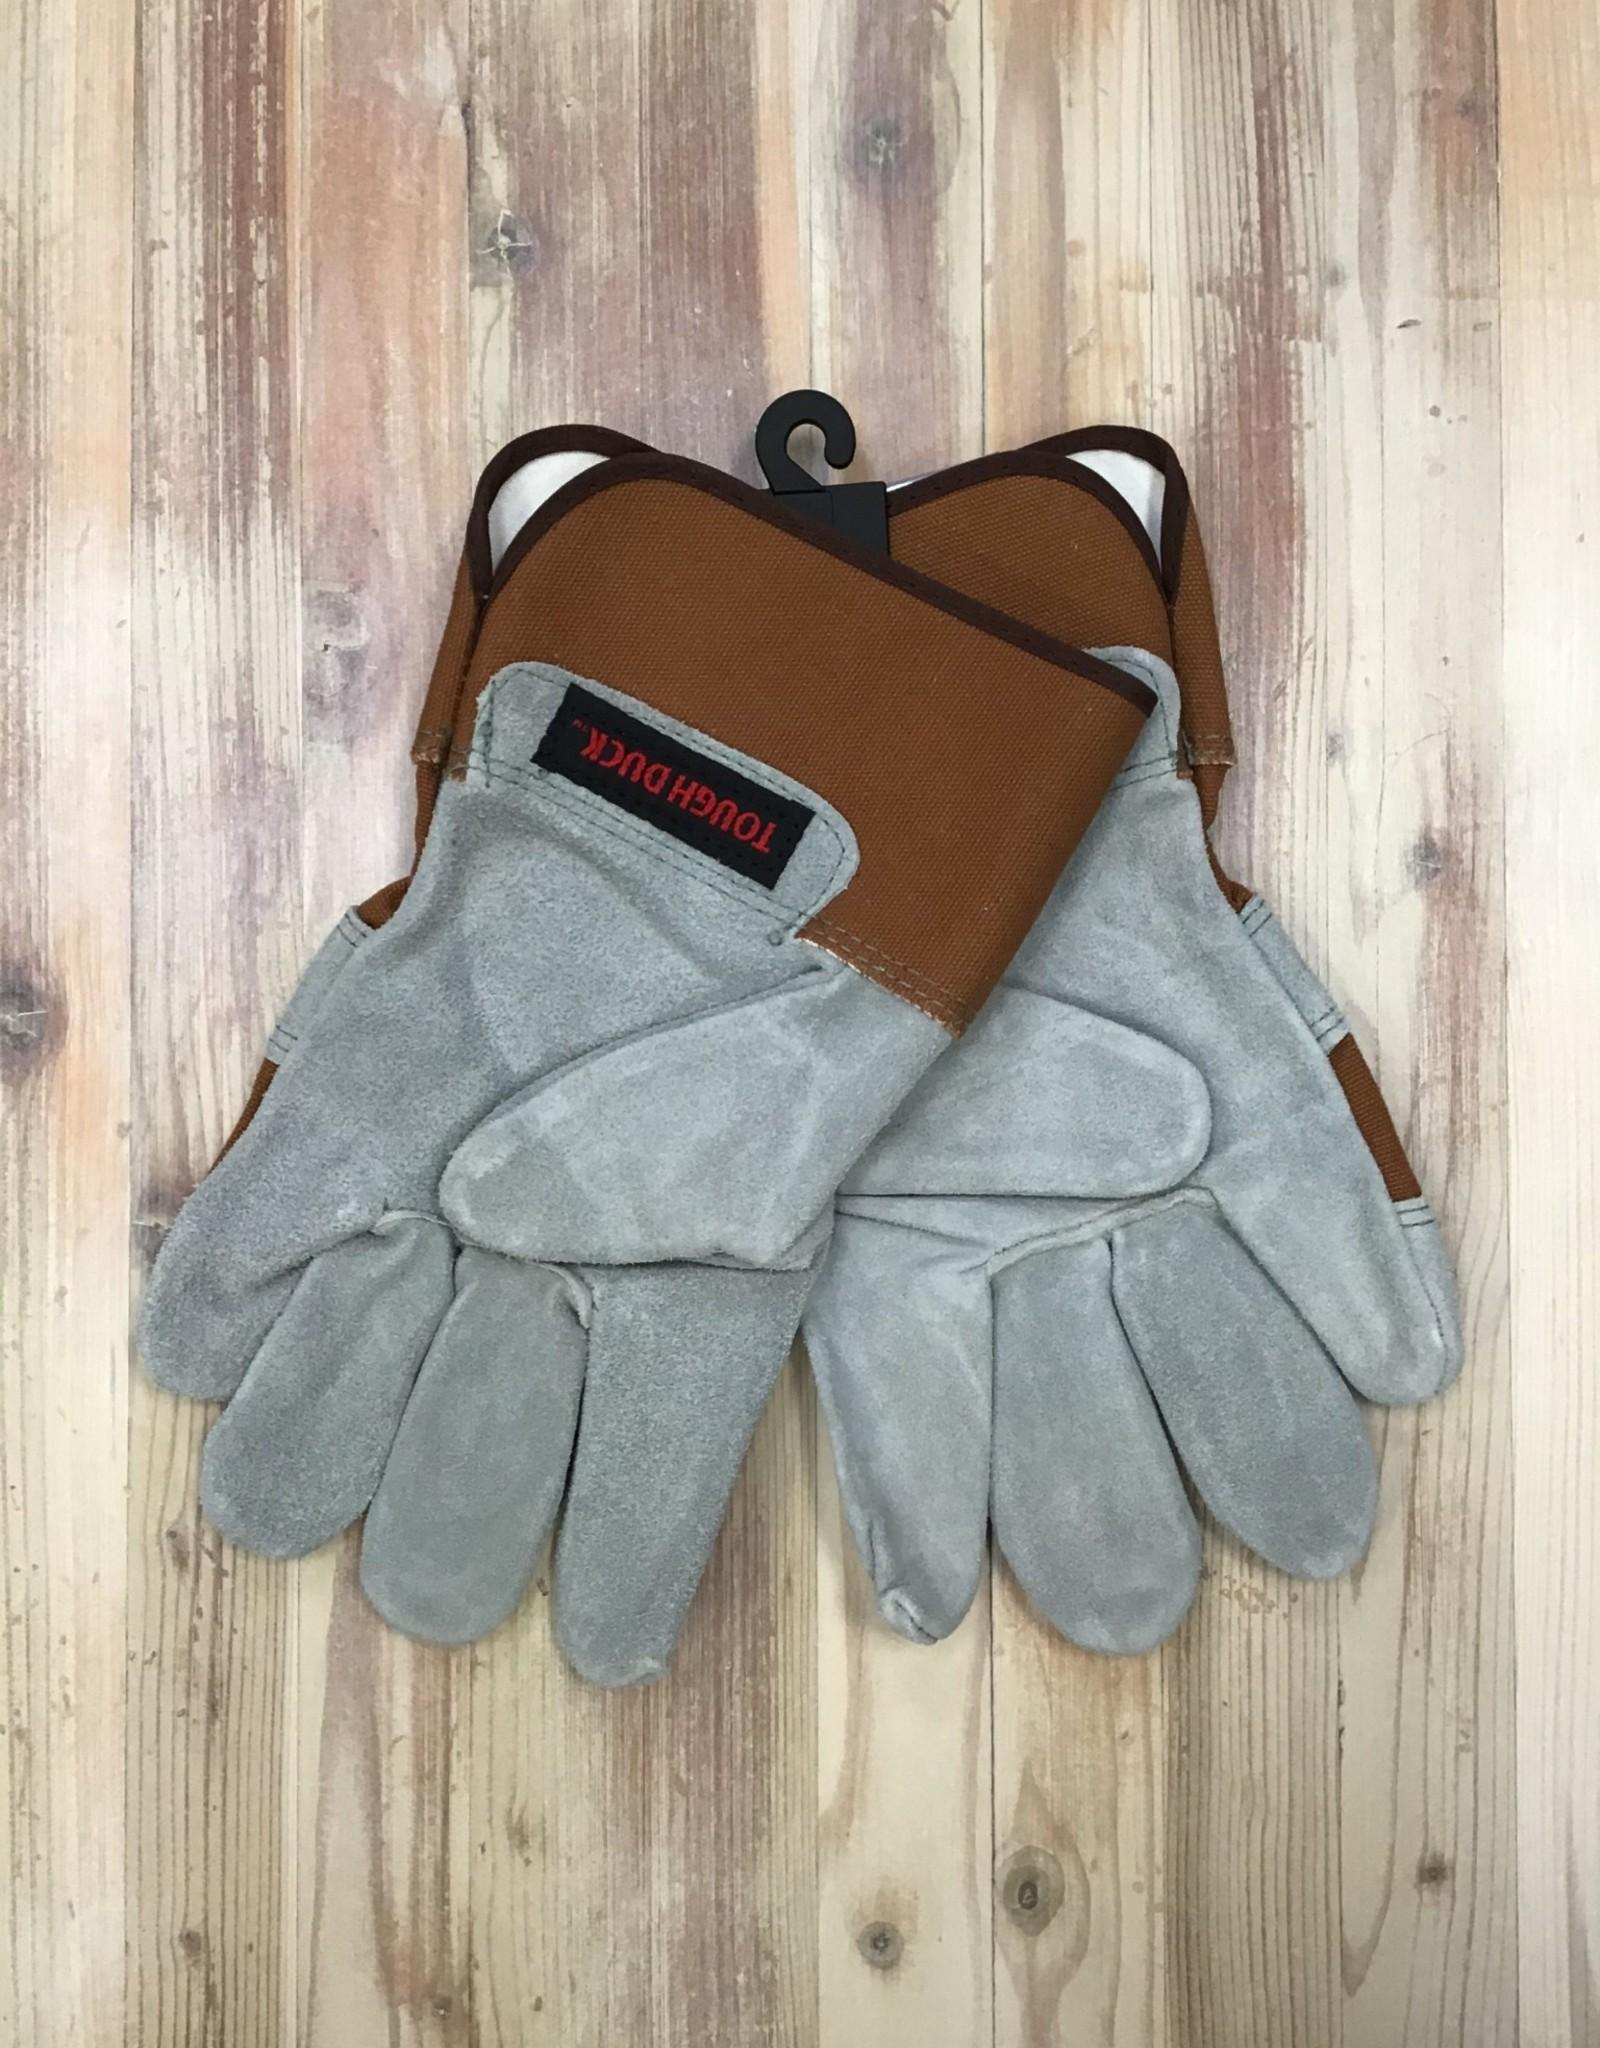 Tough Duck Tough Duck Premium Cowsplit Leather Palm Lined Gloves